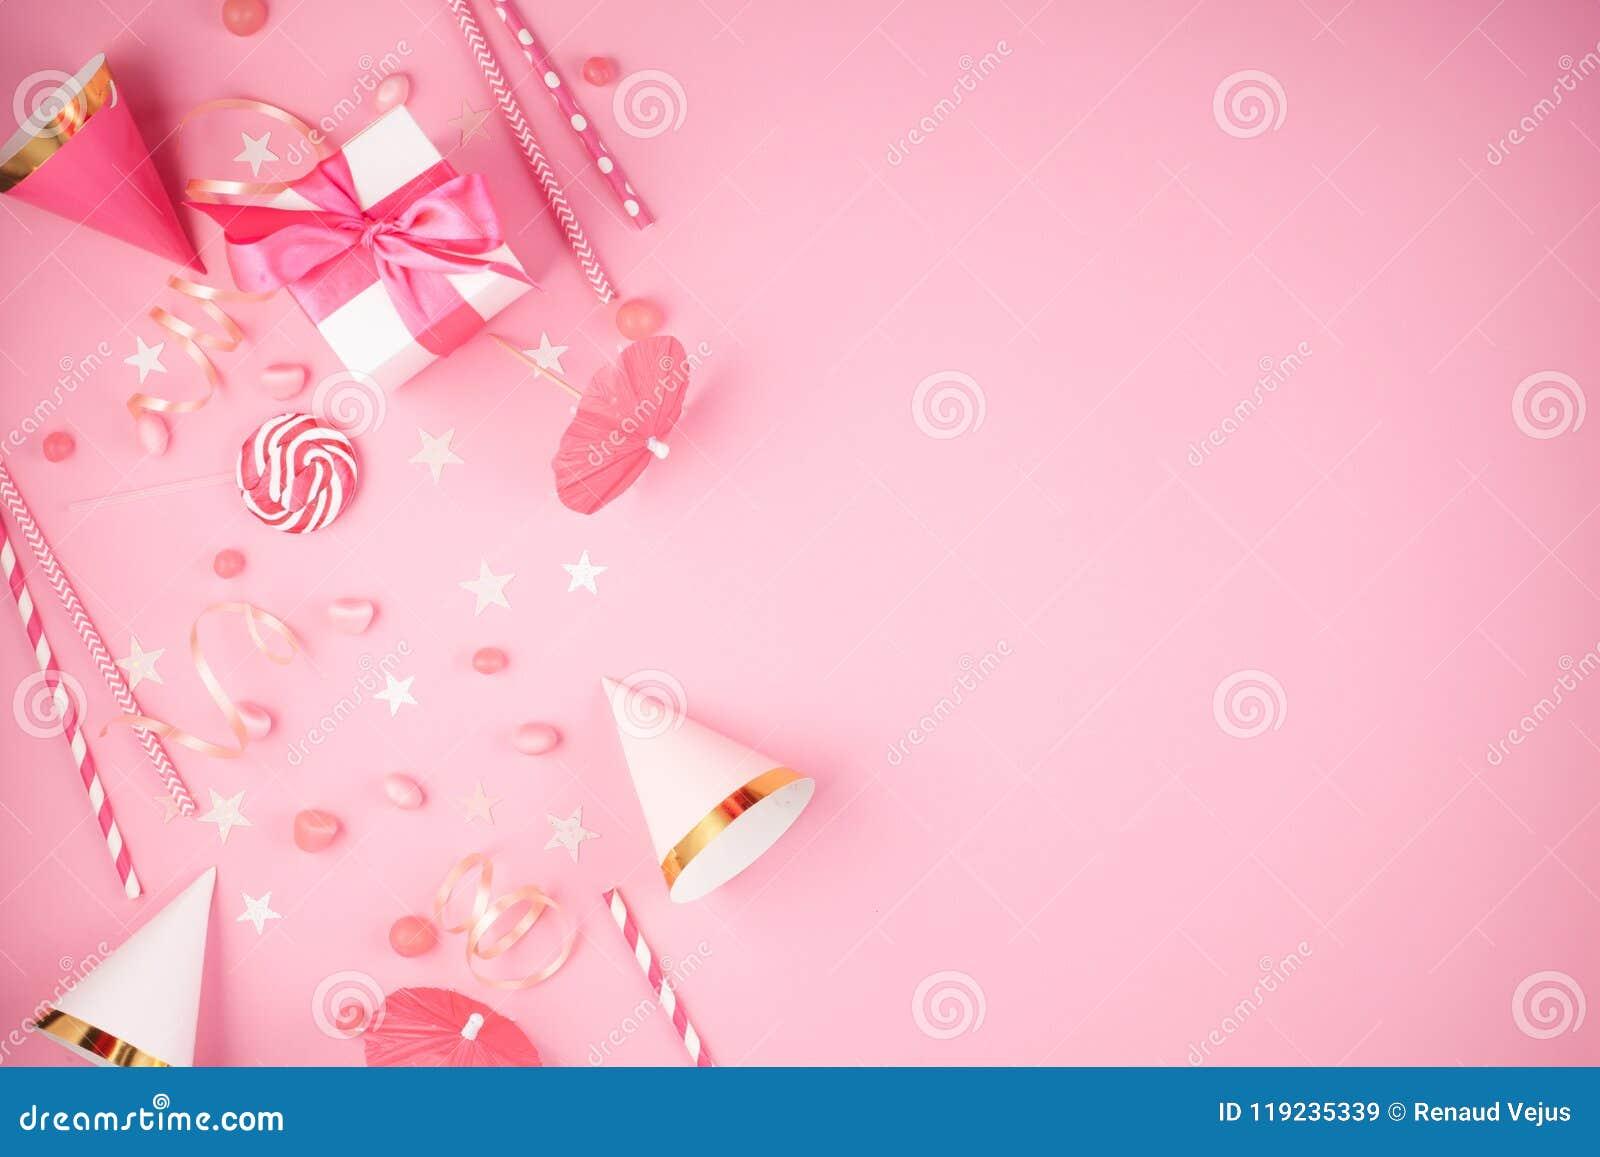 Accesorios del partido de las muchachas sobre el fondo rosado Invitación, BI